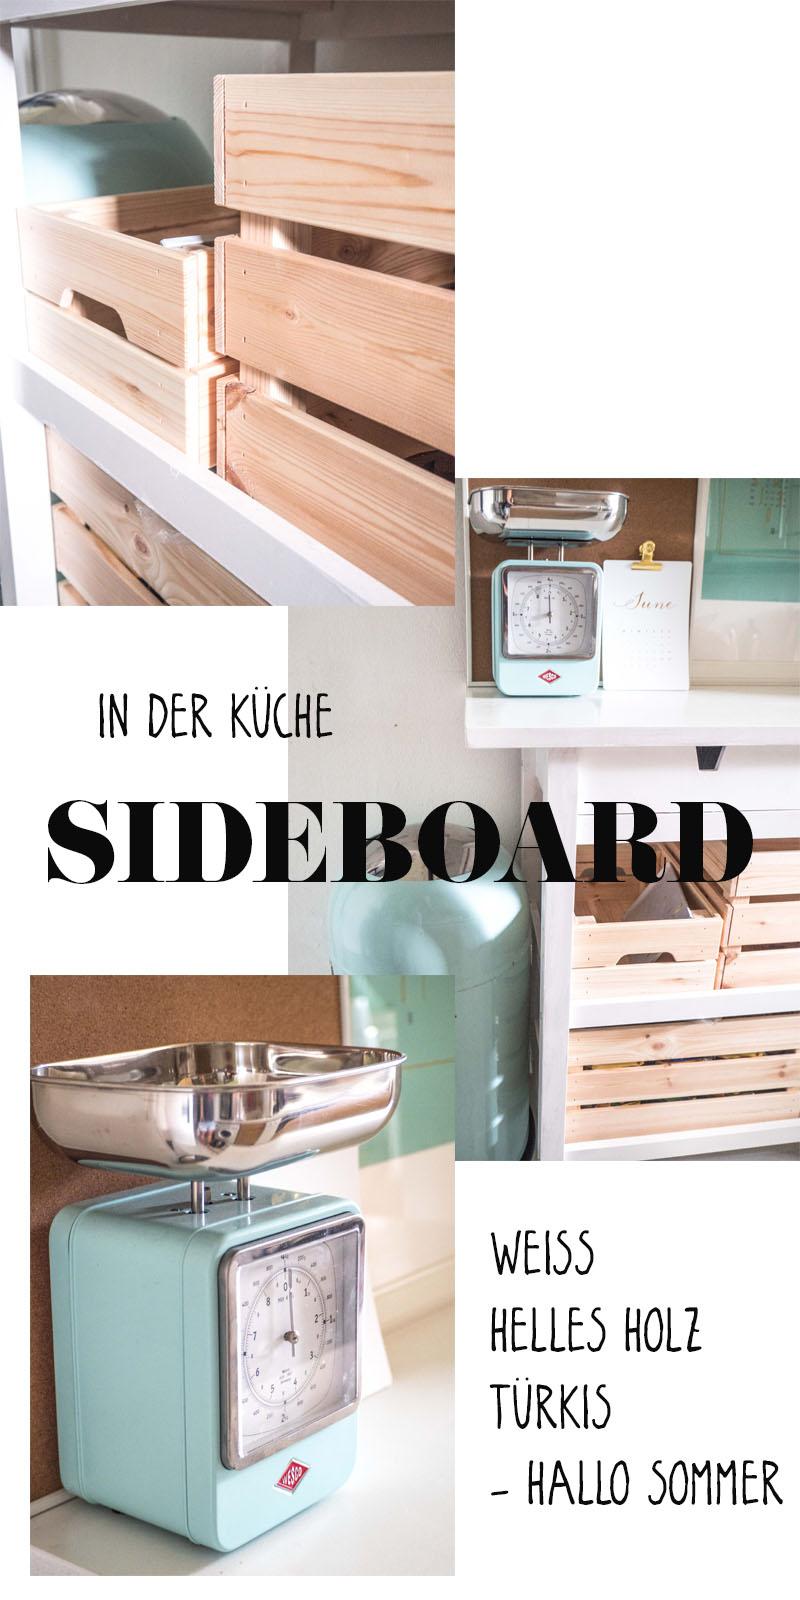 Full Size of Türkise Küche Sideboard In Der Kche Nummer Fnfzehn Betonoptik Kaufen Ikea Hängeschränke Kinder Spielküche Hochschrank Kosten Pendelleuchten Doppelblock Wohnzimmer Türkise Küche